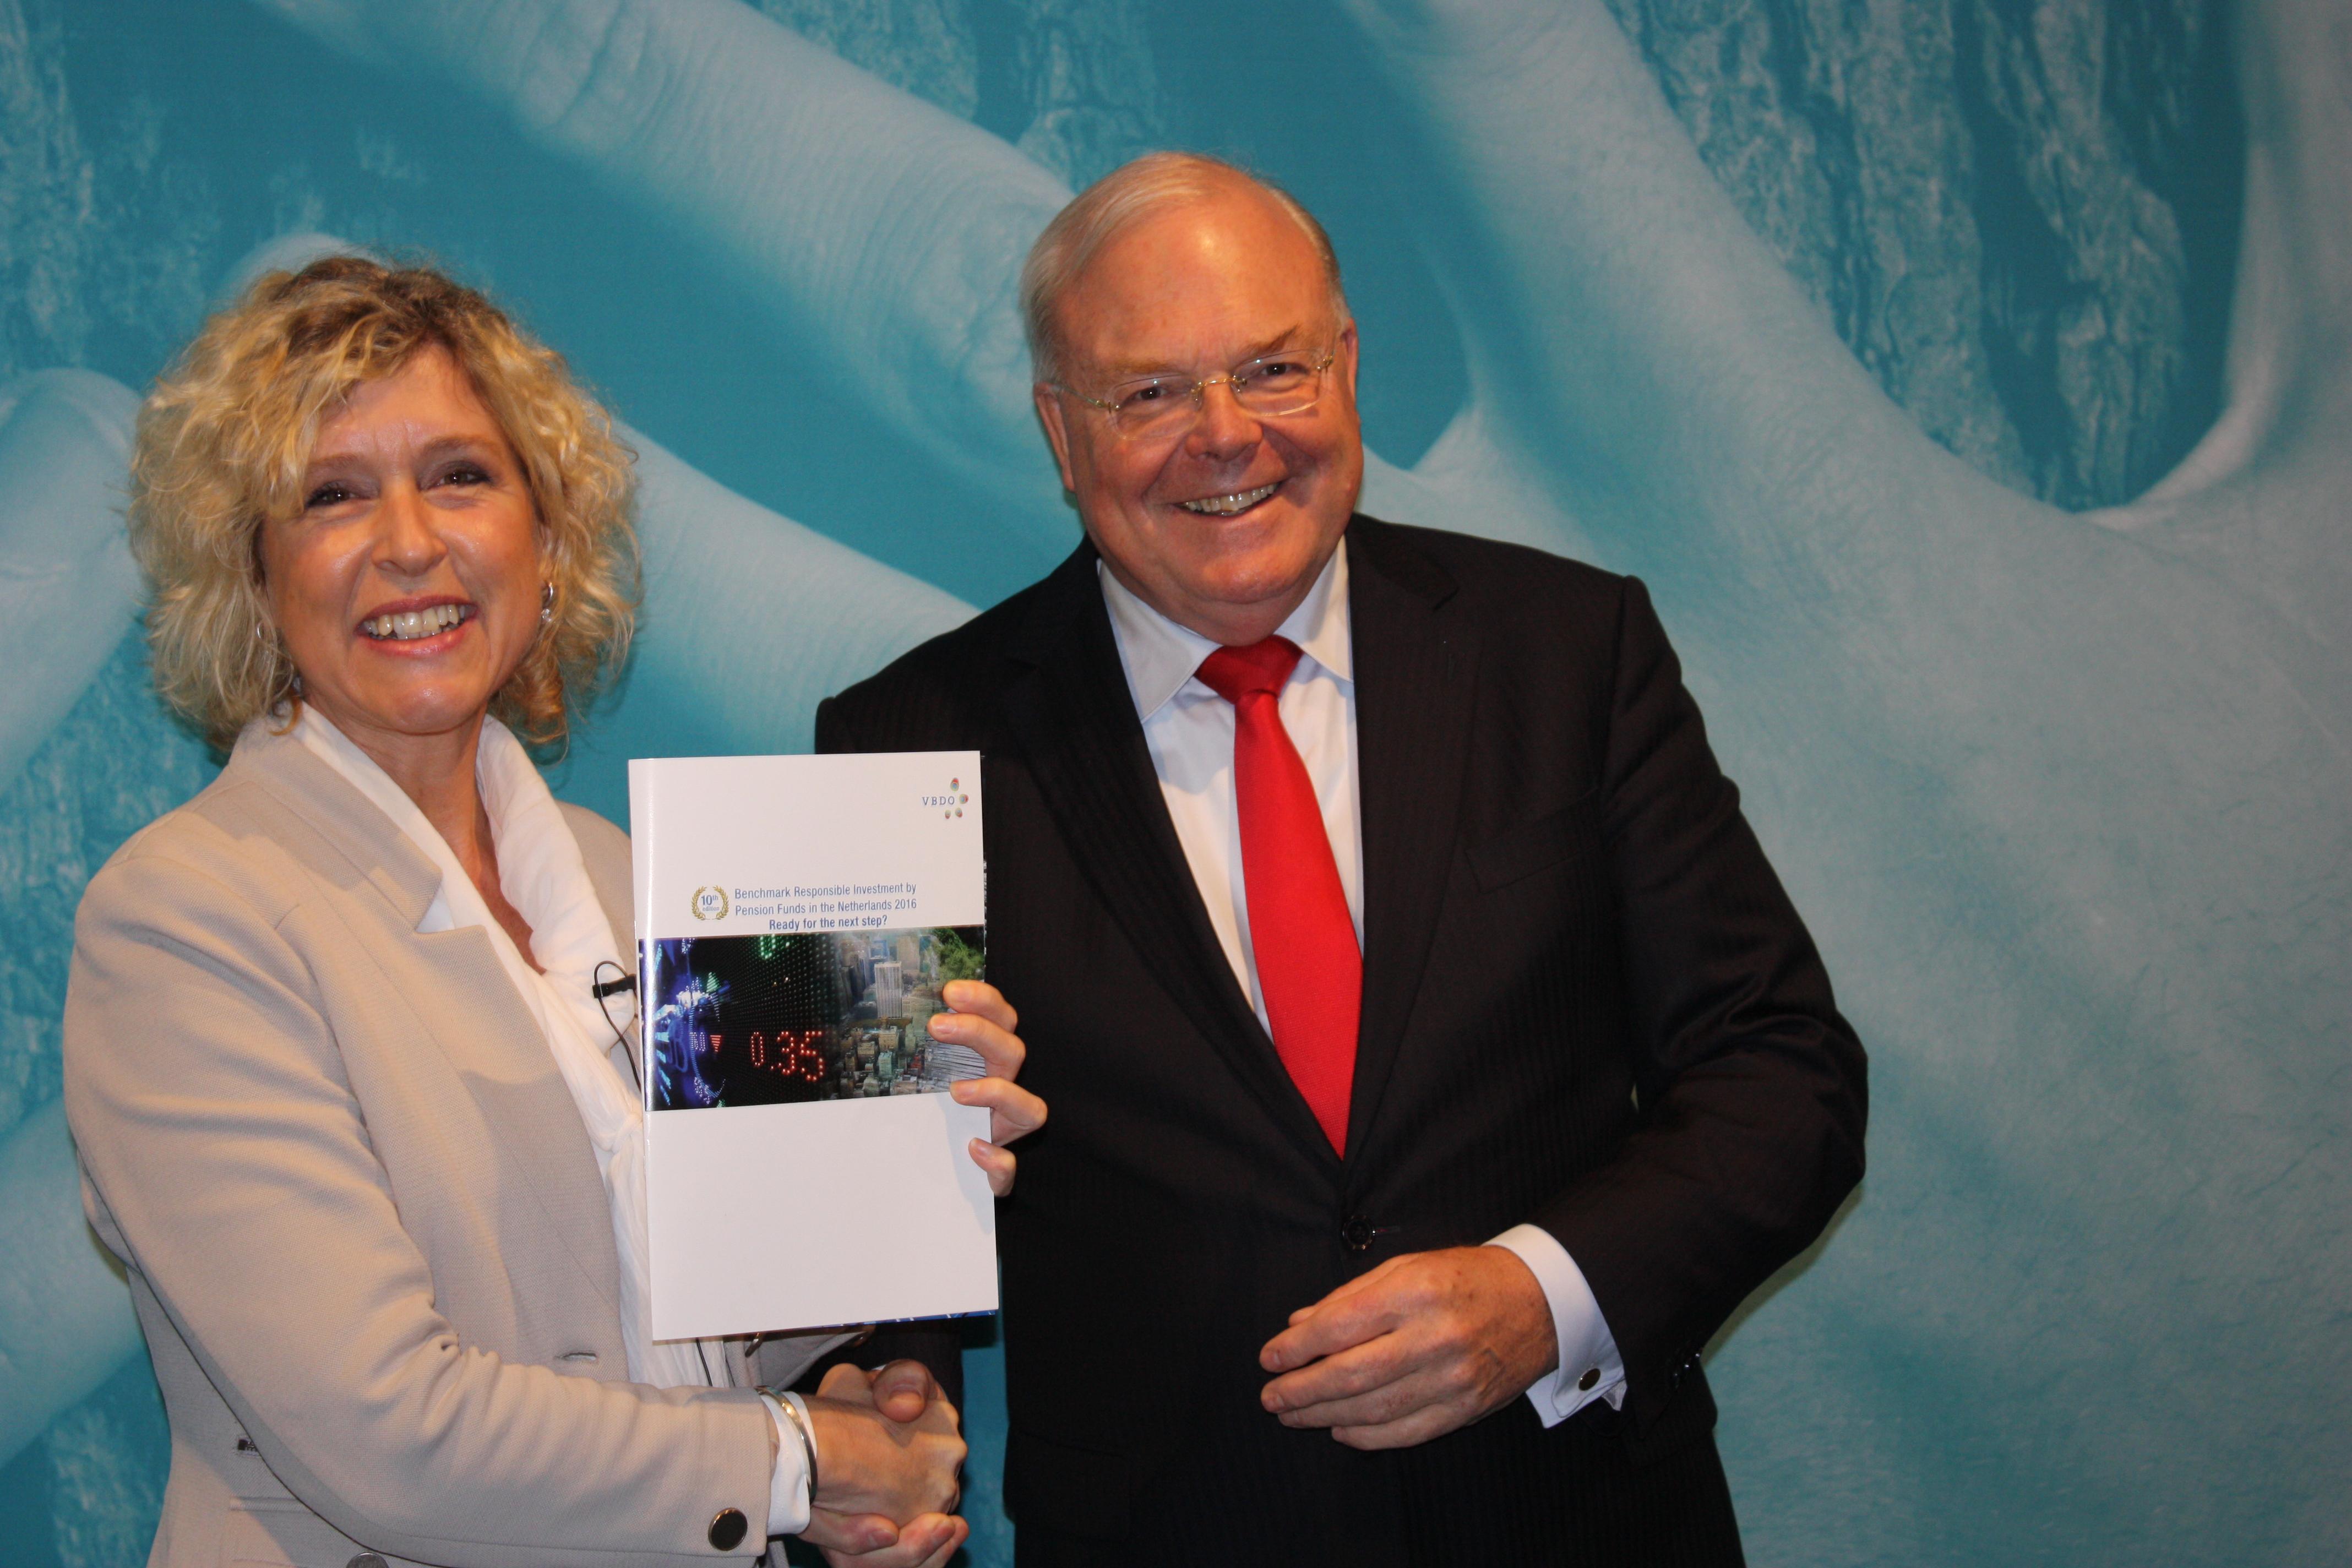 Pensioenfonds Zorg en Welzijn voert duurzame ranglijst voor tiende keer aan